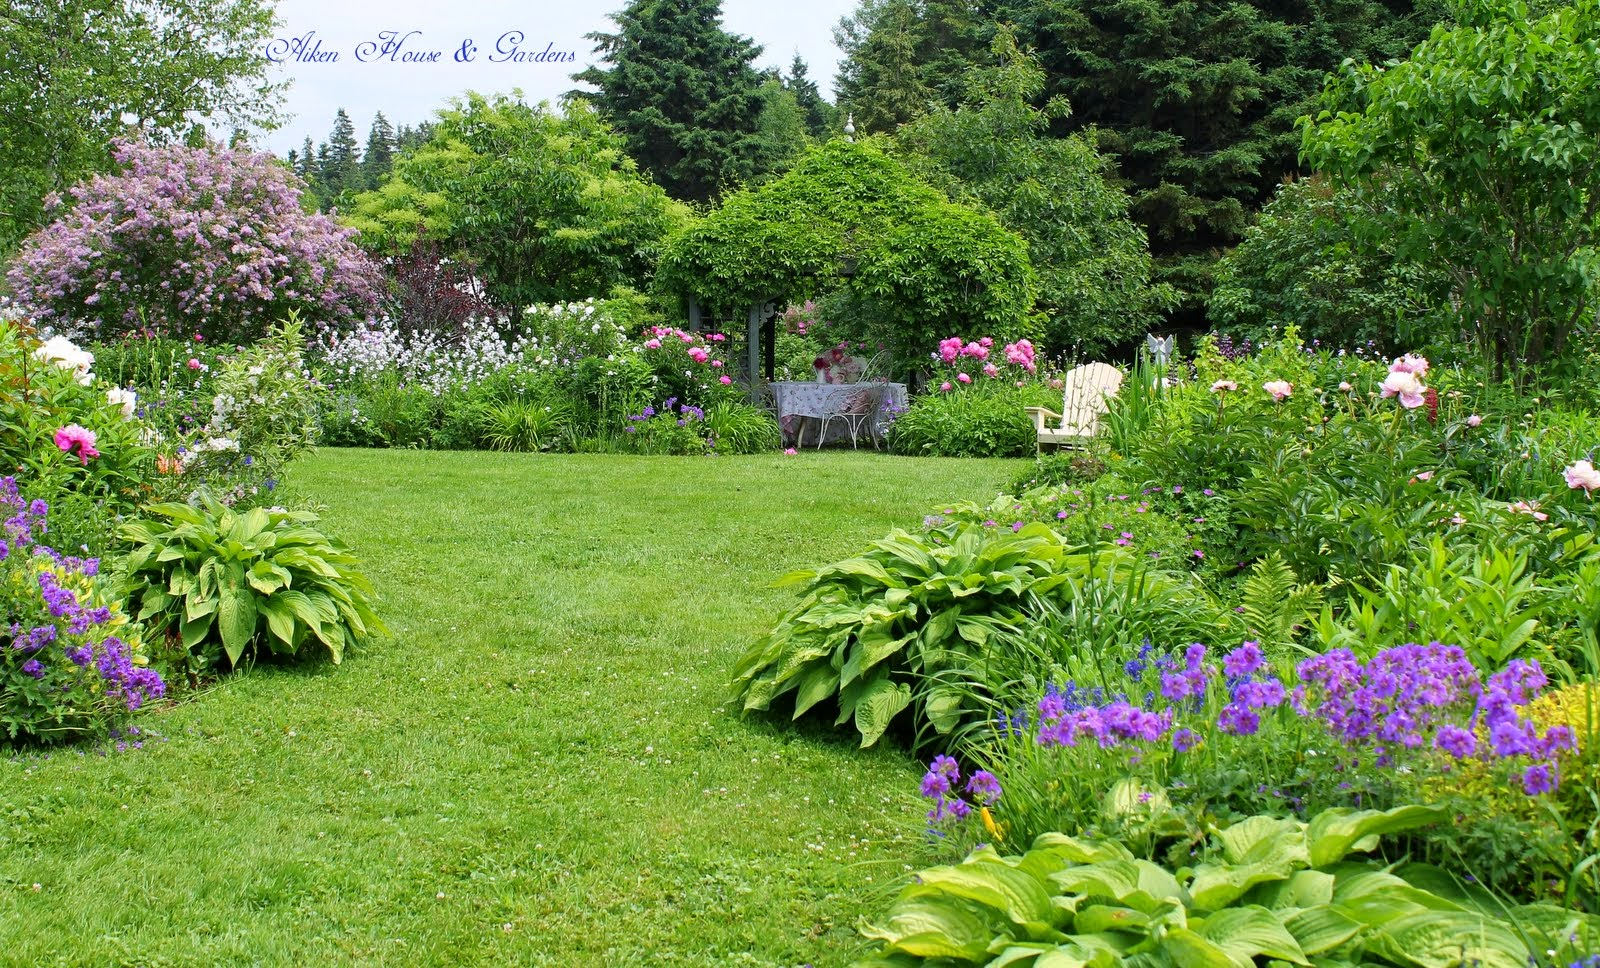 Aiken house gardens garden beauty and lucy for Aiken house